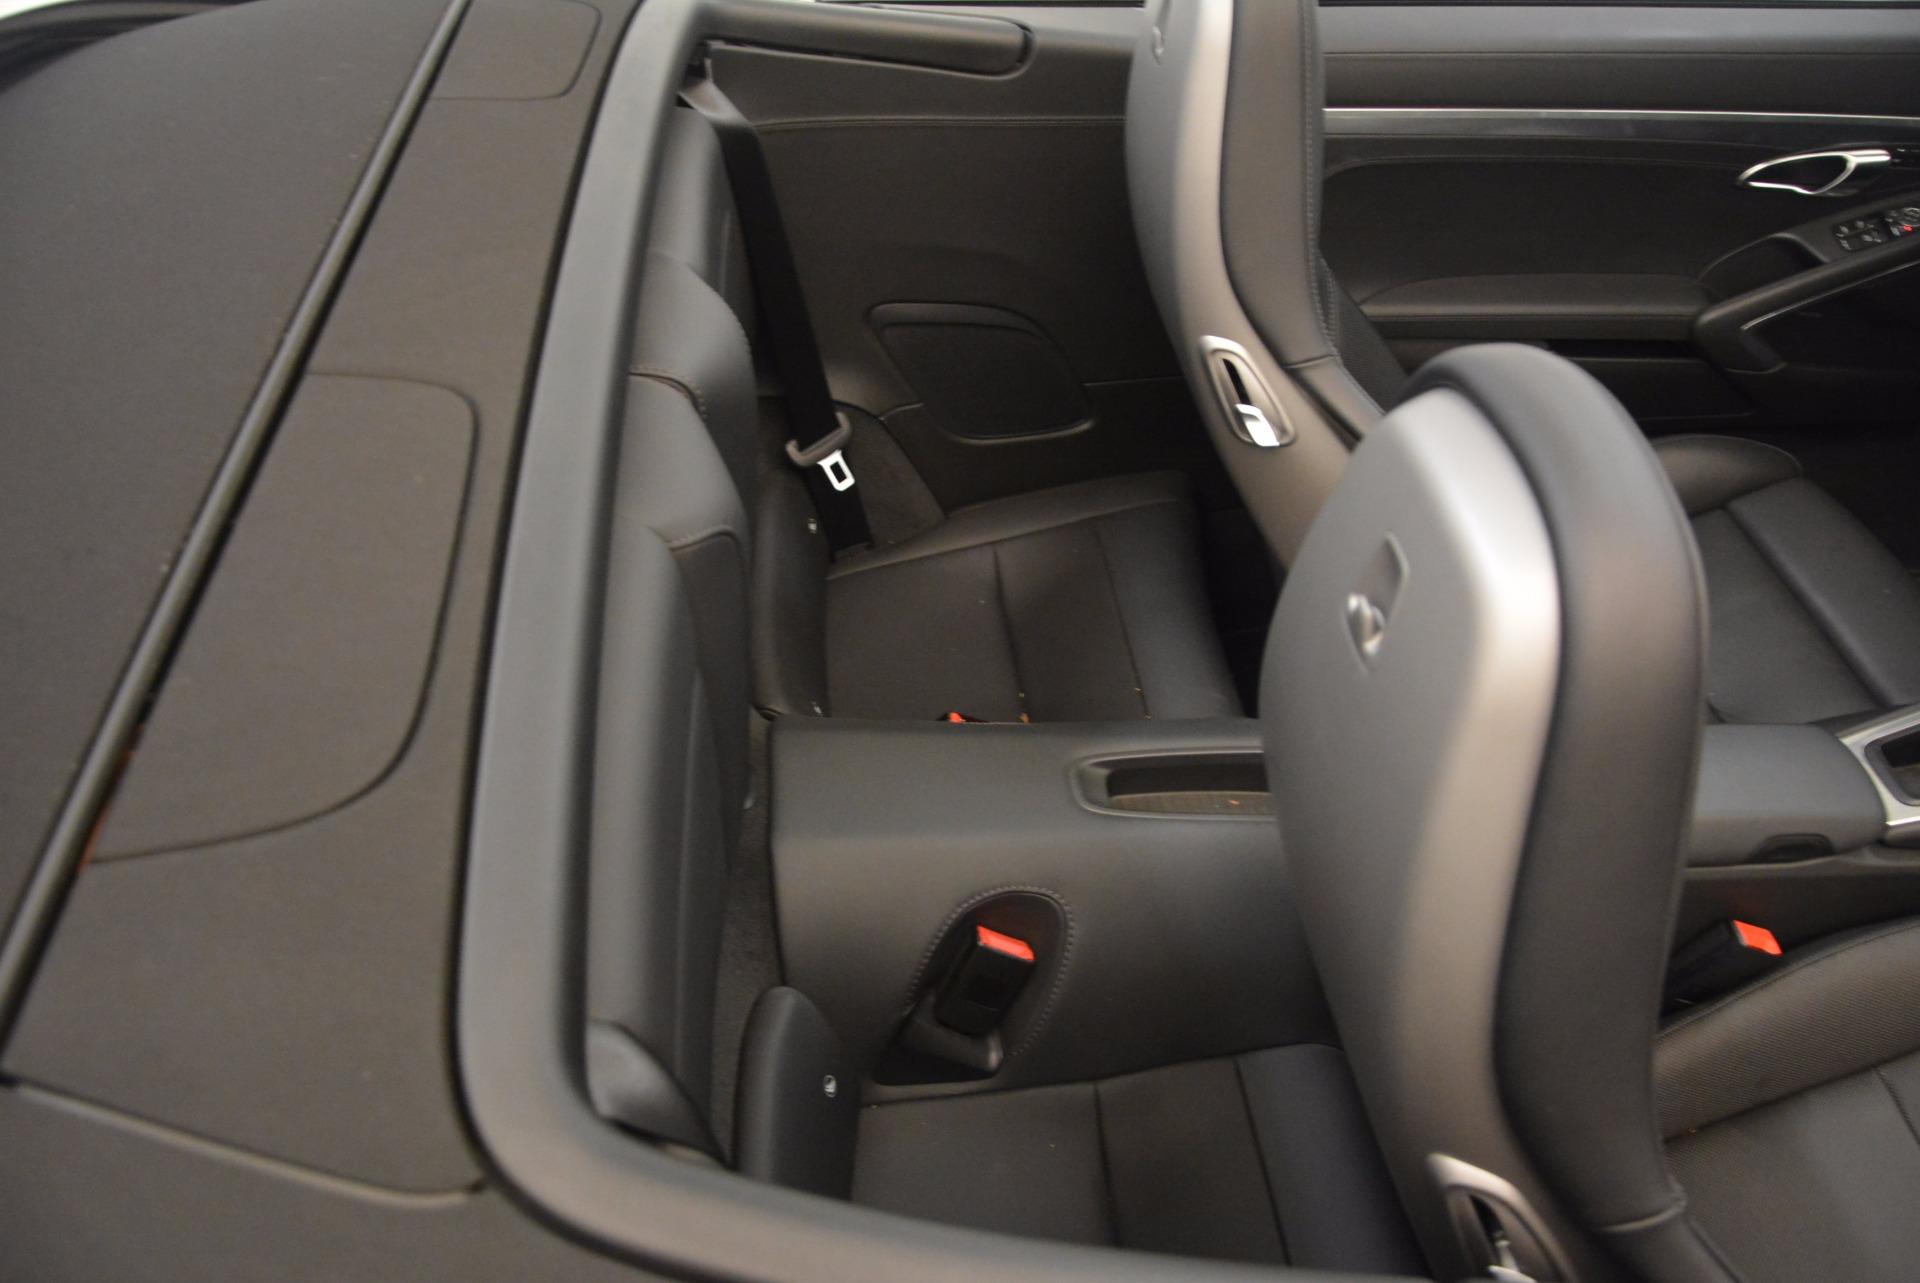 Used 2012 Porsche 911 Carrera S For Sale In Greenwich, CT 1790_p32